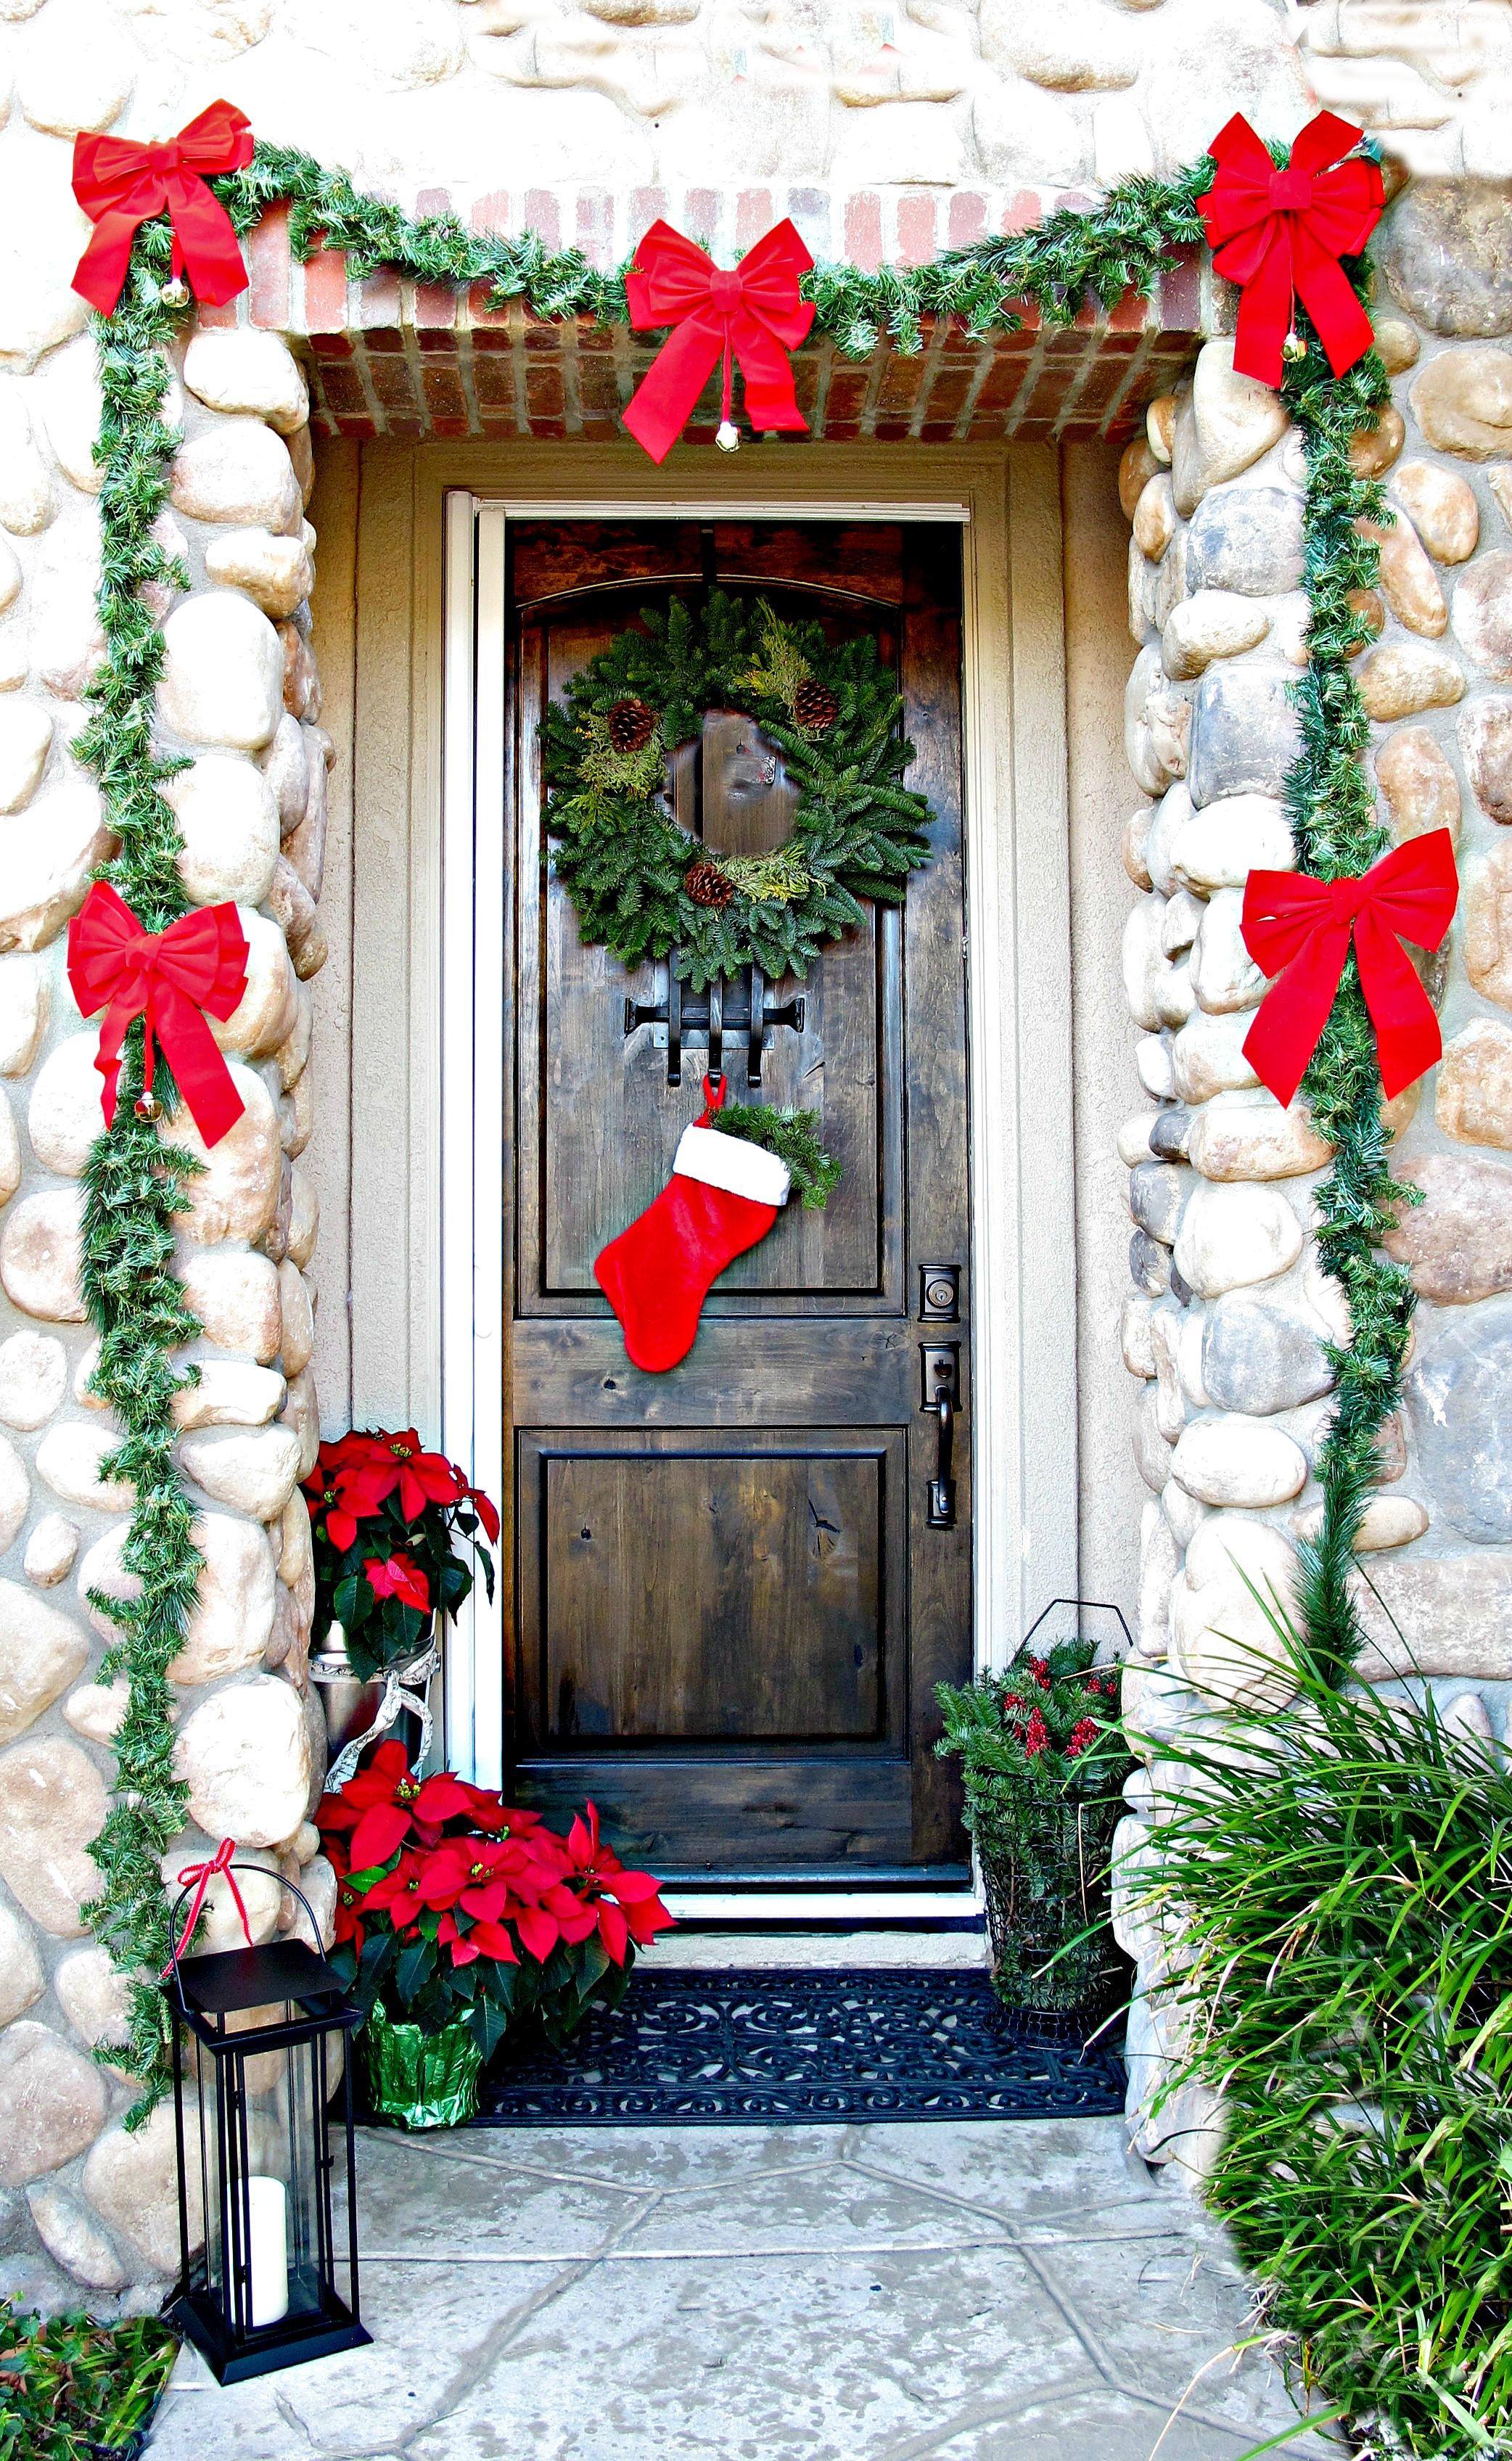 Relaxing Nurses Home Door Decorating Ideas Garland Door Decor Homebnc Door Decorating Ideas 01 Gift Wrapped ideas Christmas Door Decorating Ideas